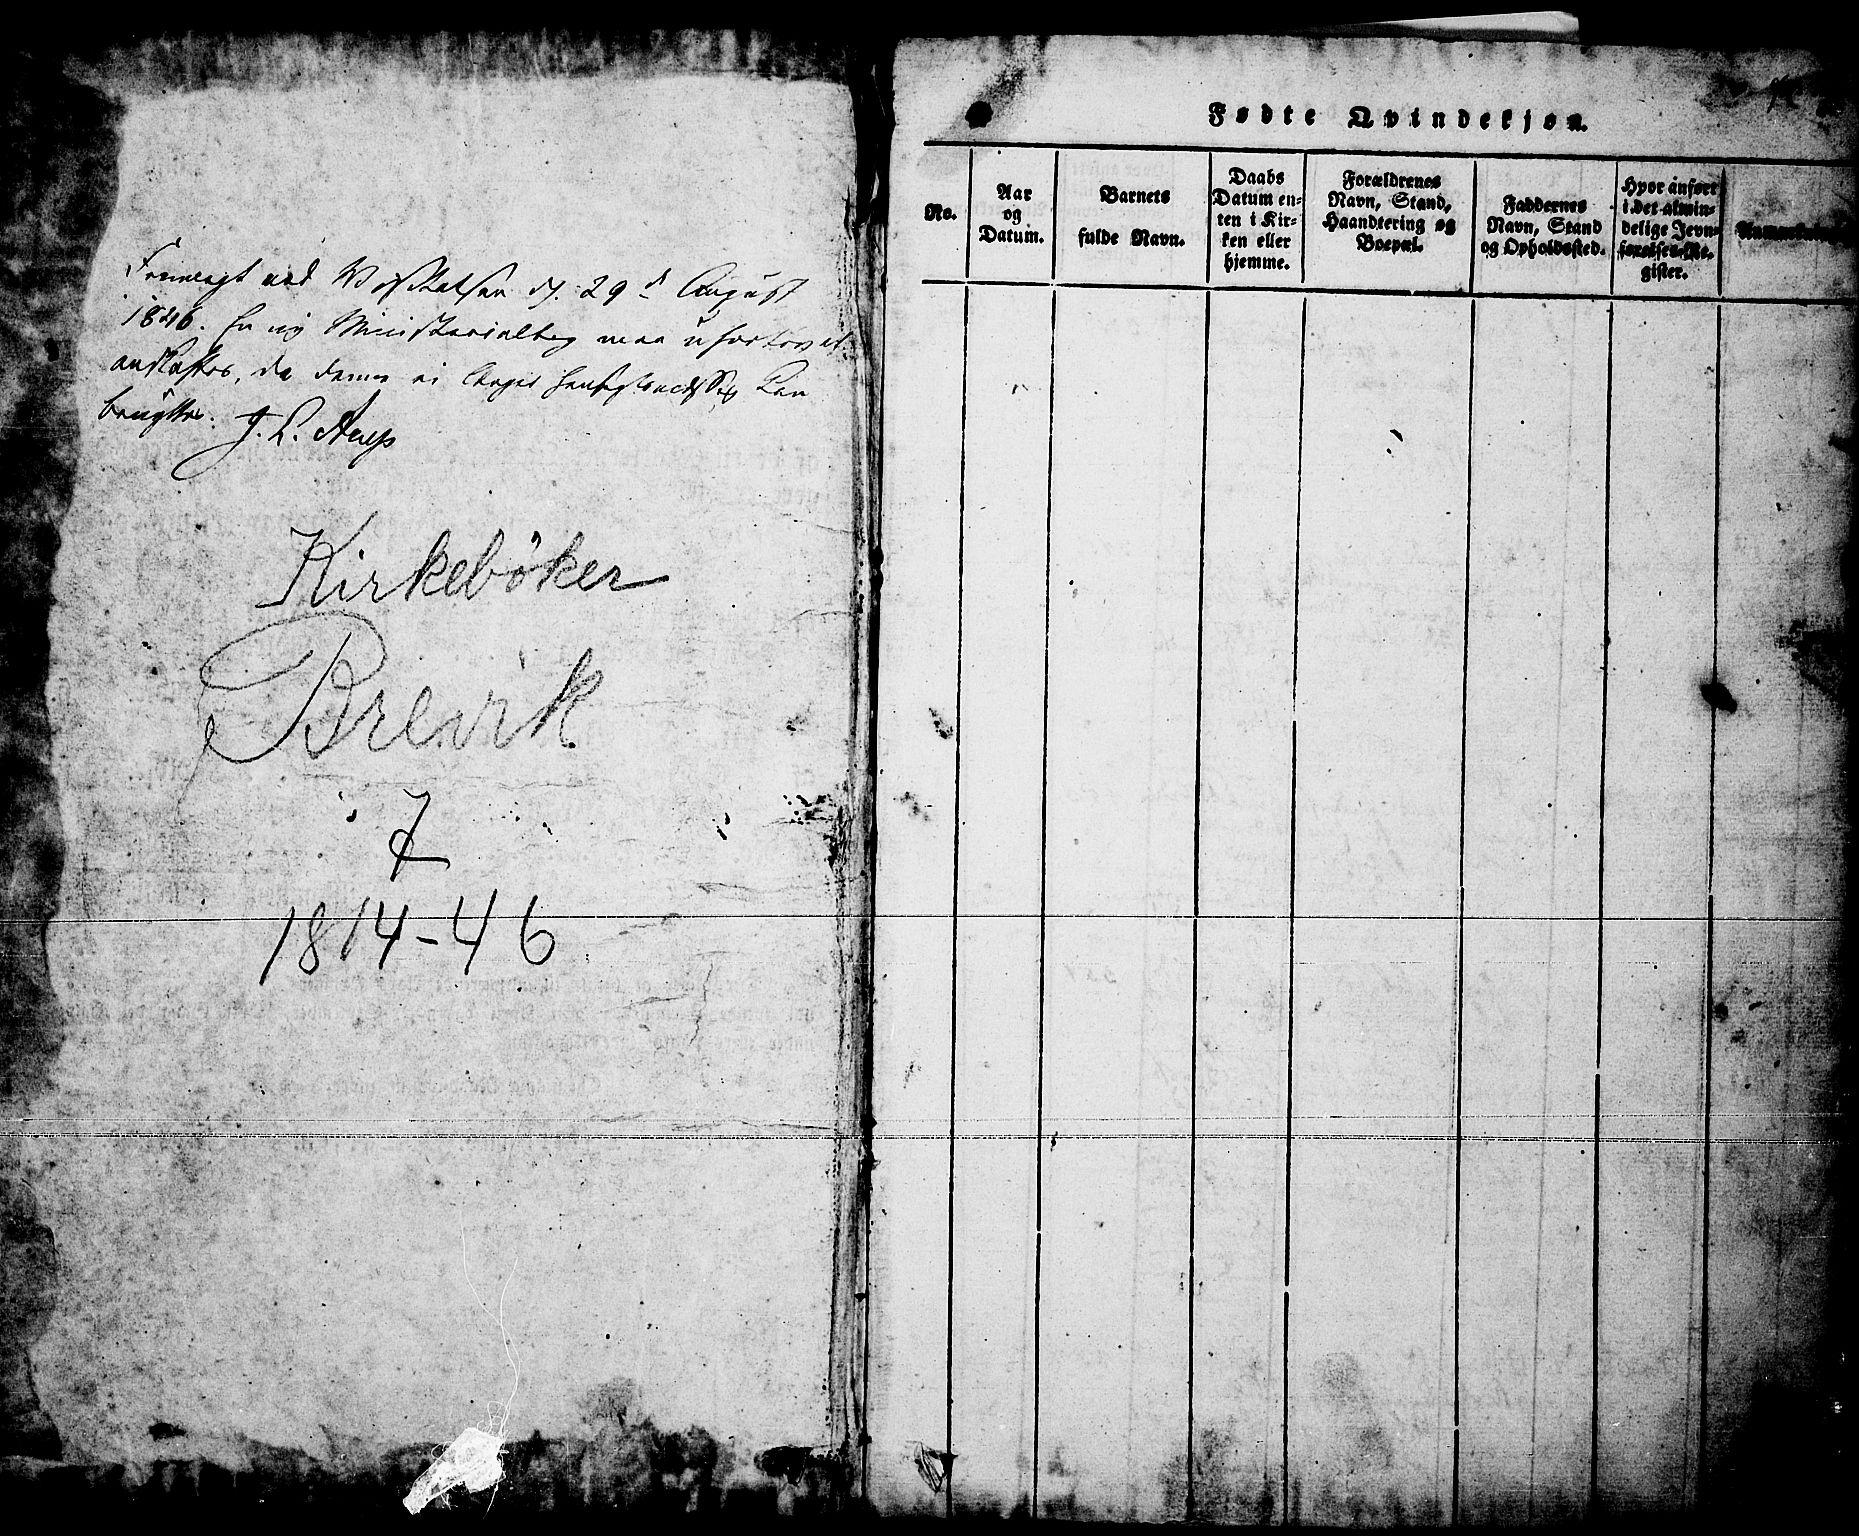 SAKO, Brevik kirkebøker, F/Fa/L0004: Ministerialbok nr. 4, 1814-1846, s. 1